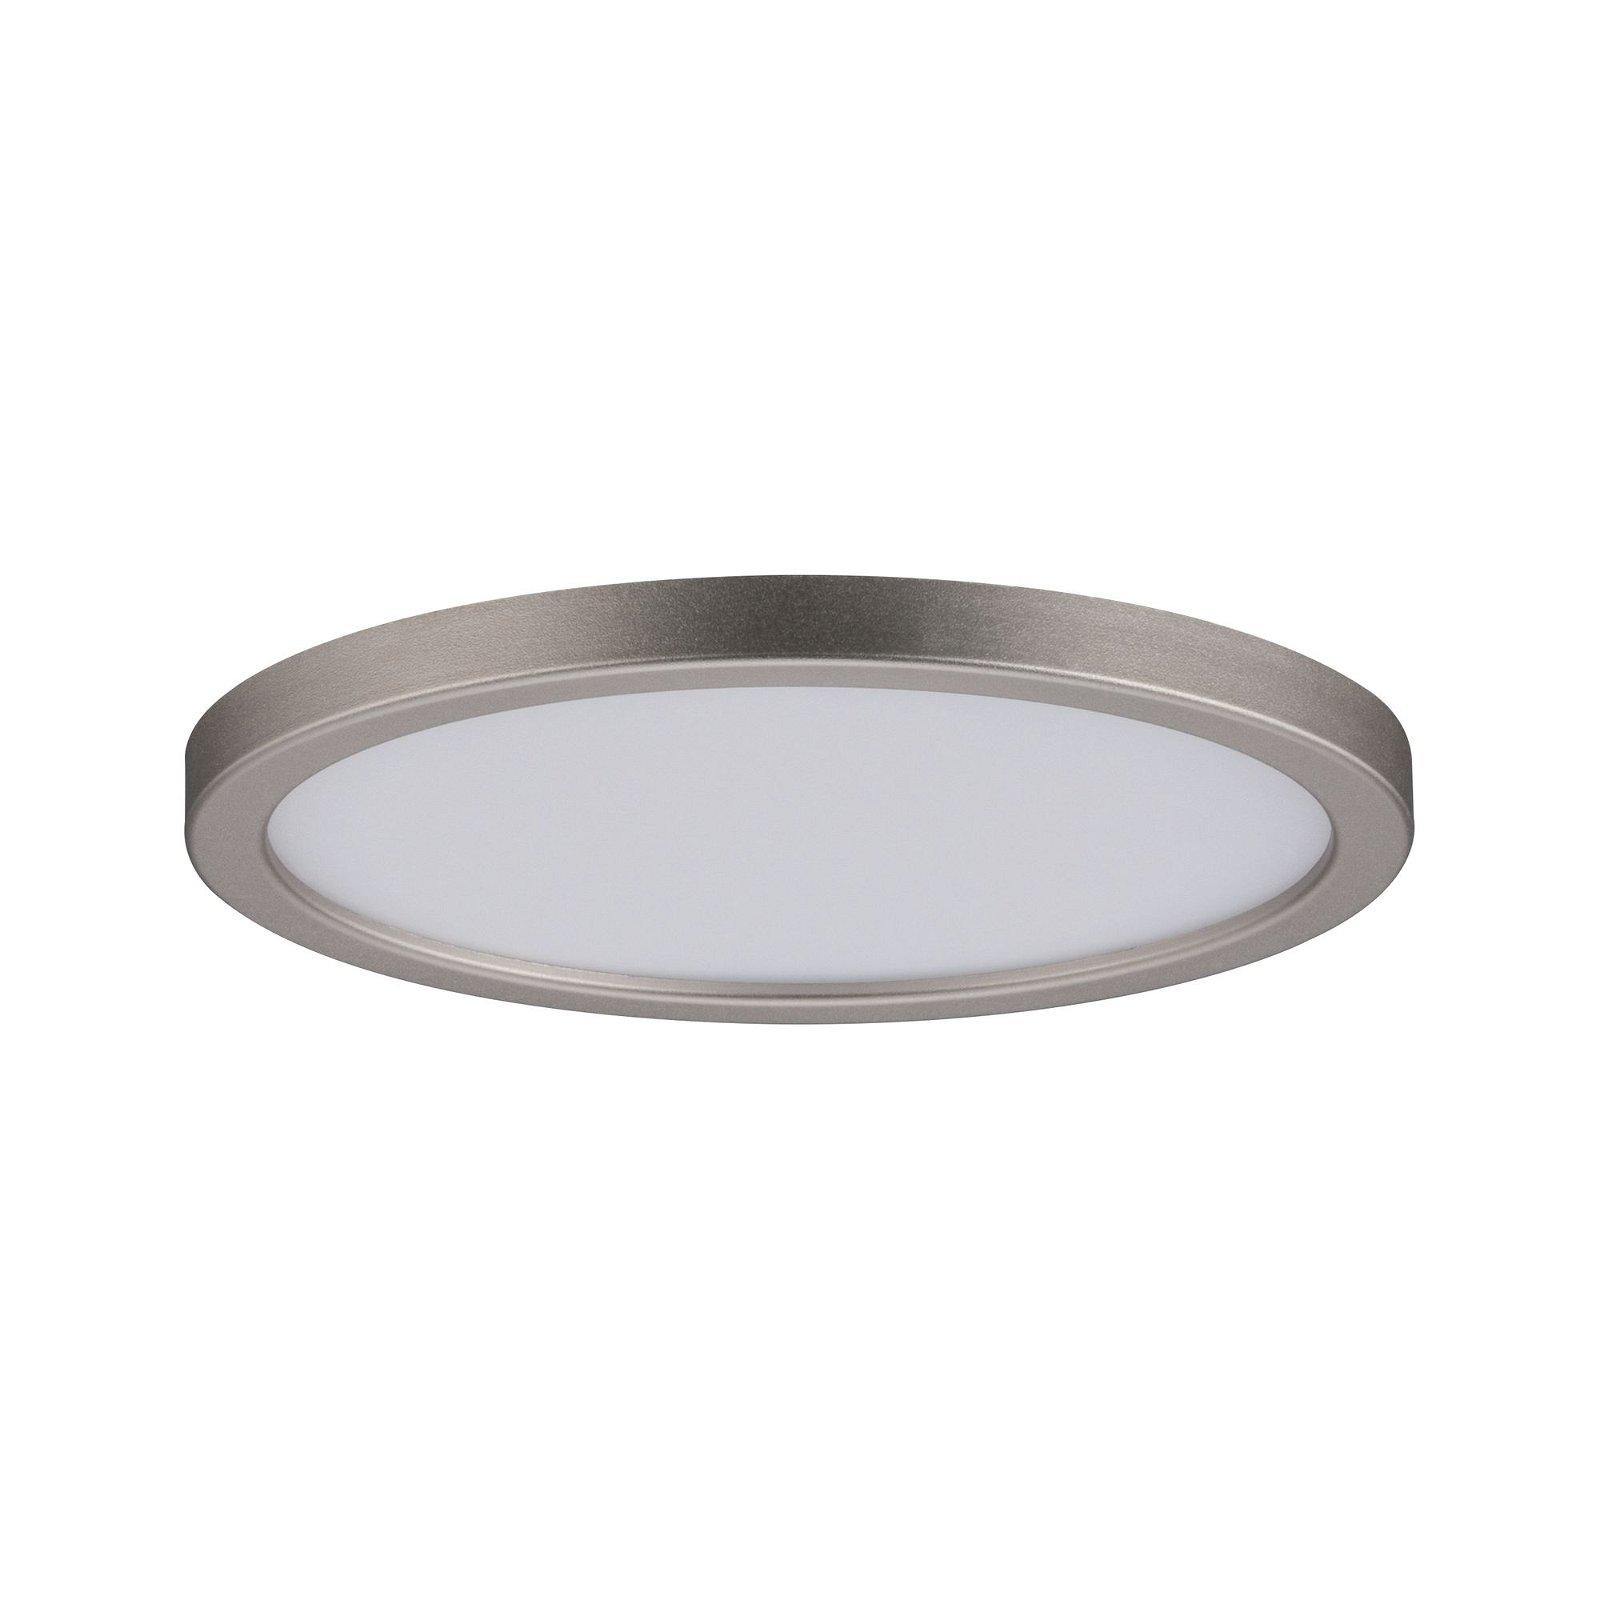 LED Einbaupanel Areo rund 120mm 920lm 3000K Nickel matt